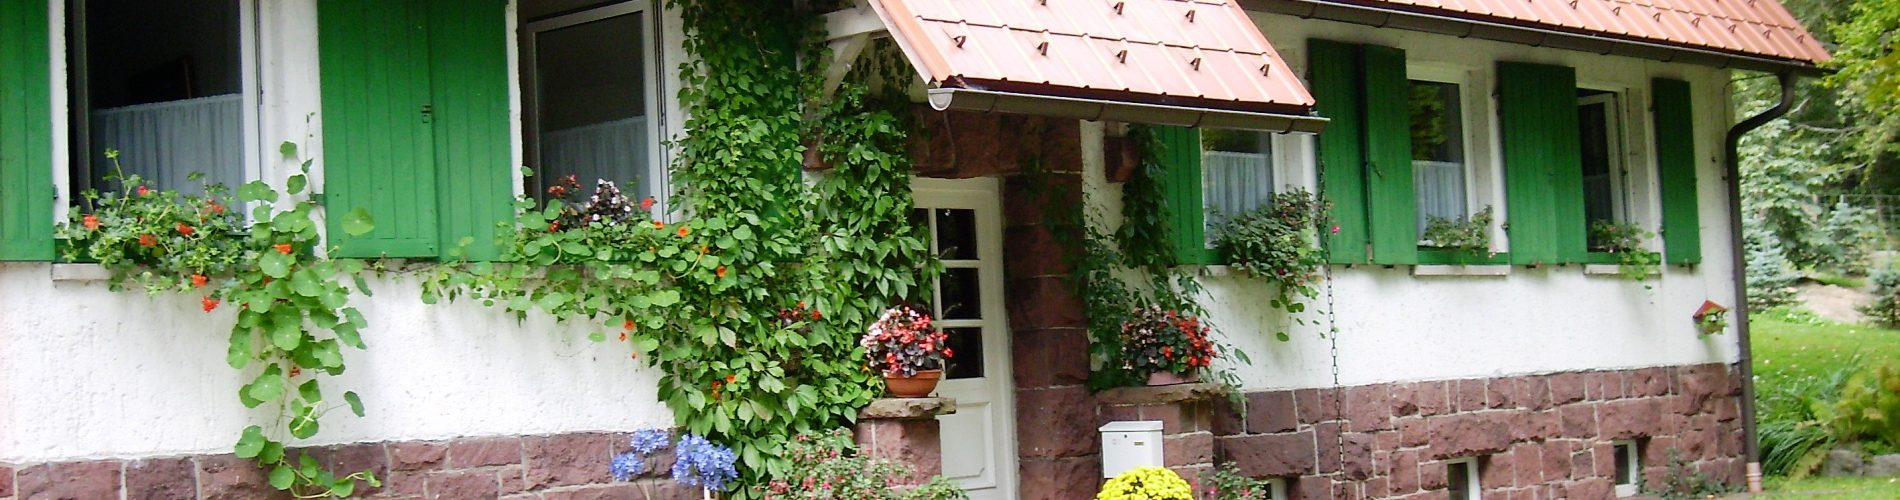 Ferienhaus auf dem Rennsteig Kleiner Inselberg Grenzwiese